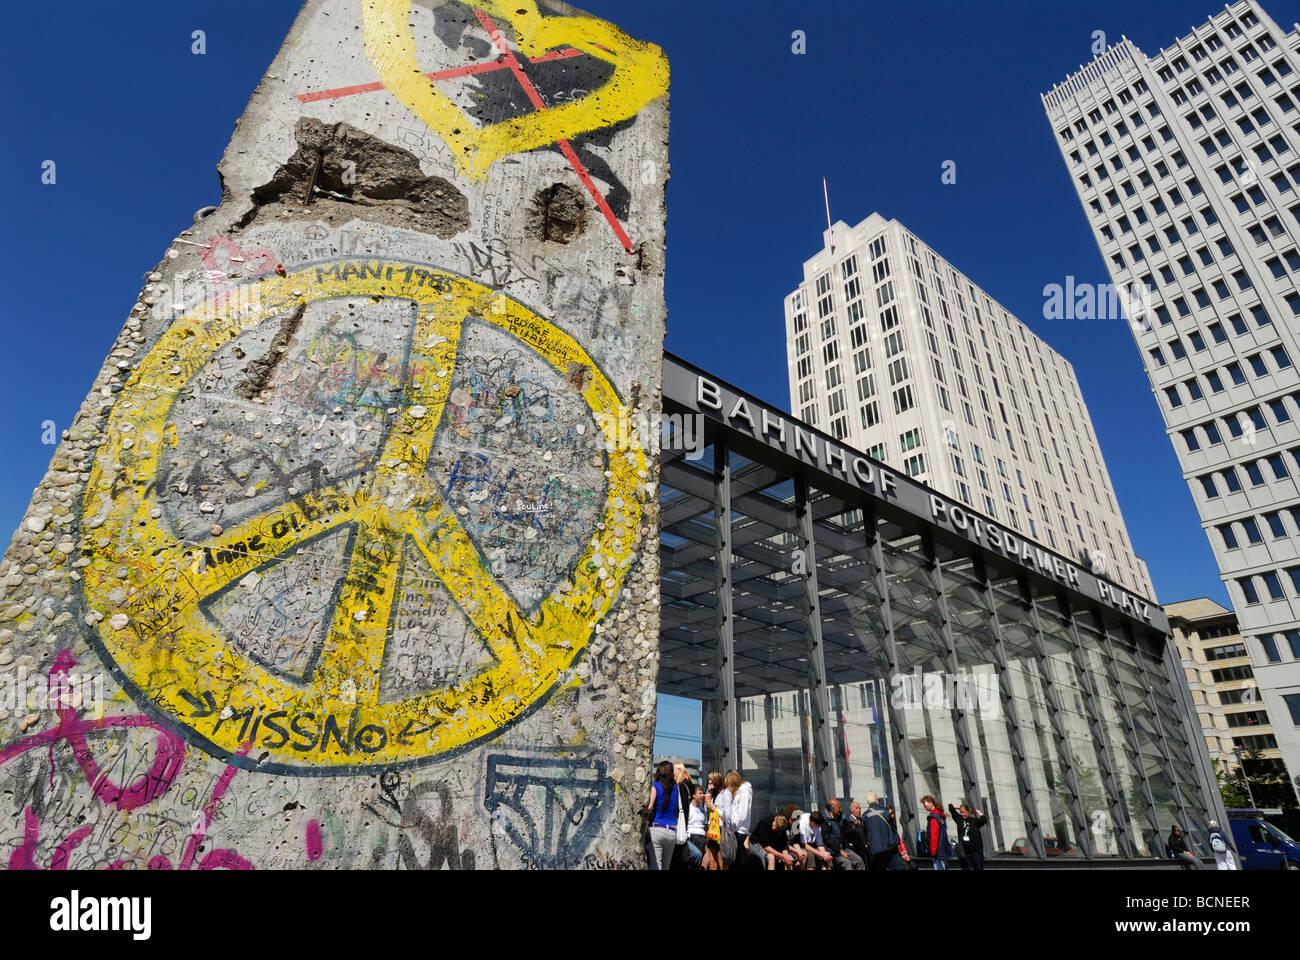 Berlin Deutschland Abschnitt der Berliner Mauer am Potsdamer Platz Stockbild